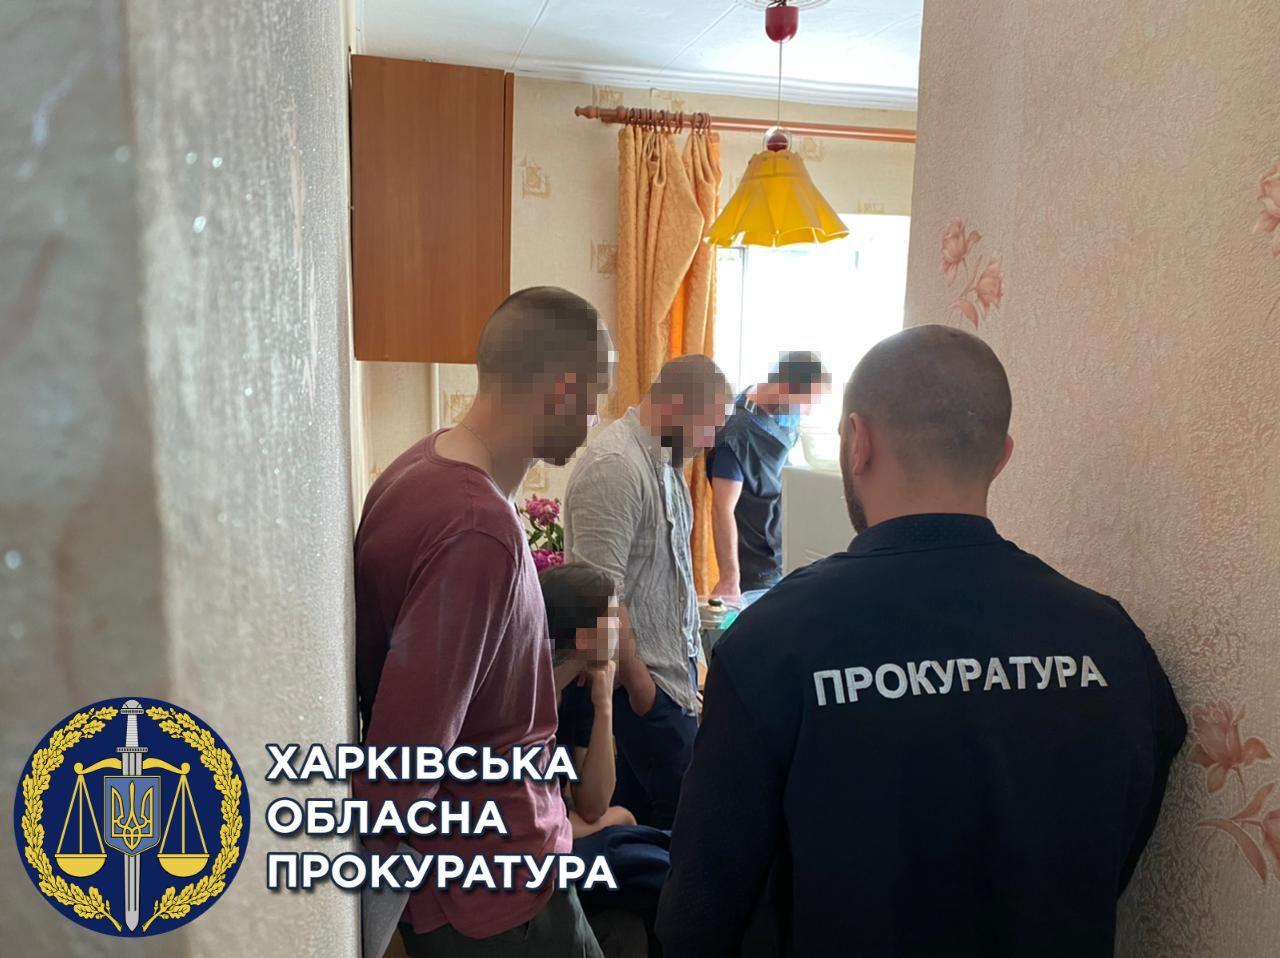 Харьковские полицейские попались на вымогательстве -фото 2